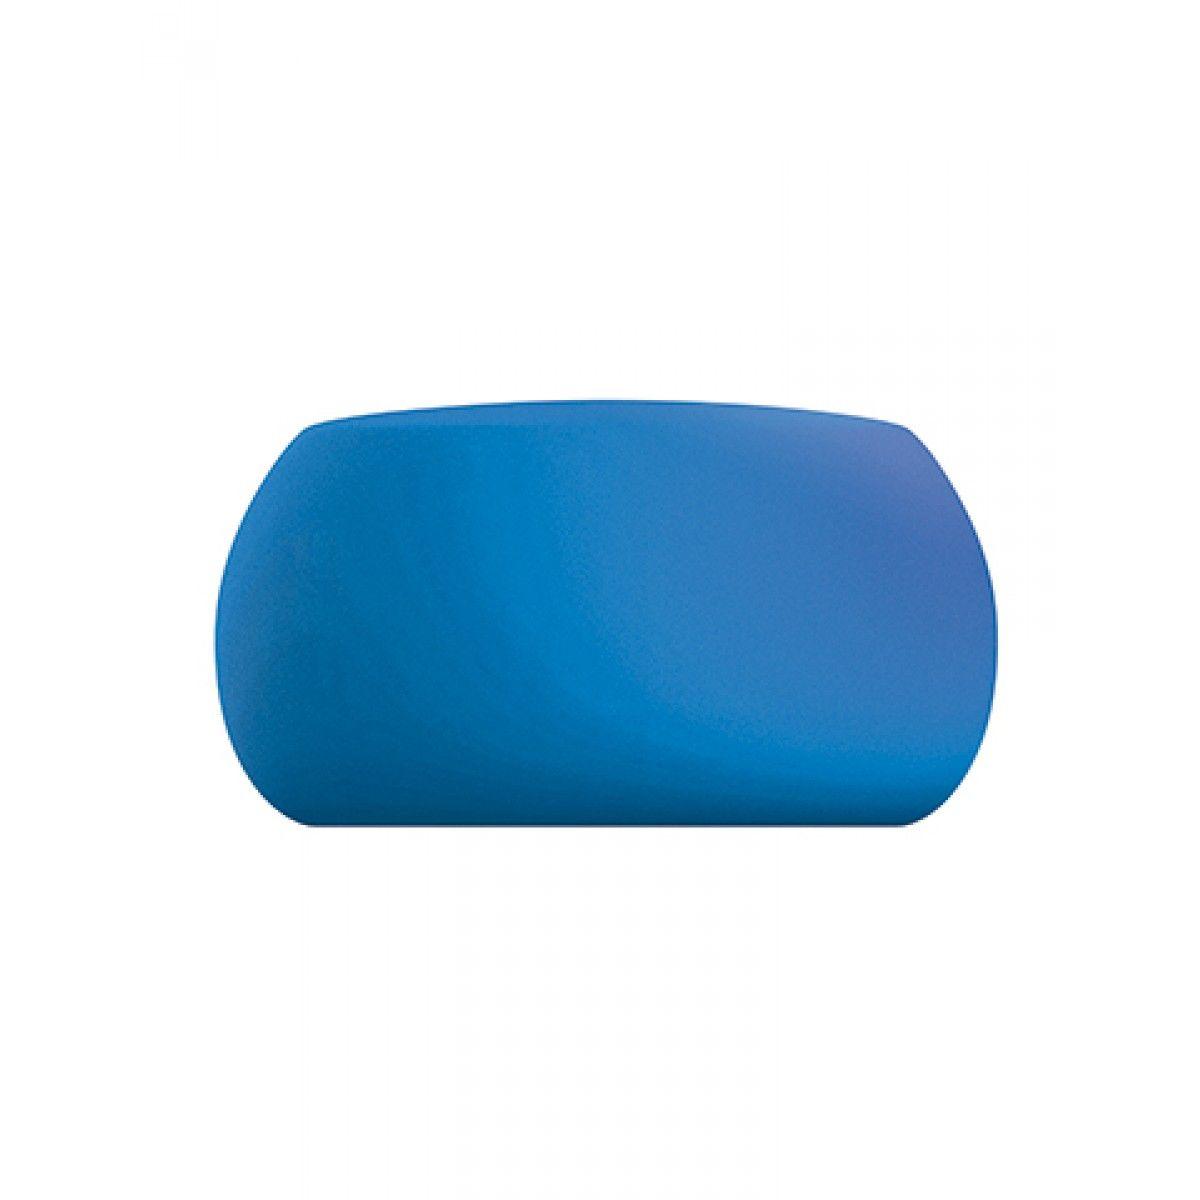 Einrichten Design De pix pouf stool arper einrichten design de b stools